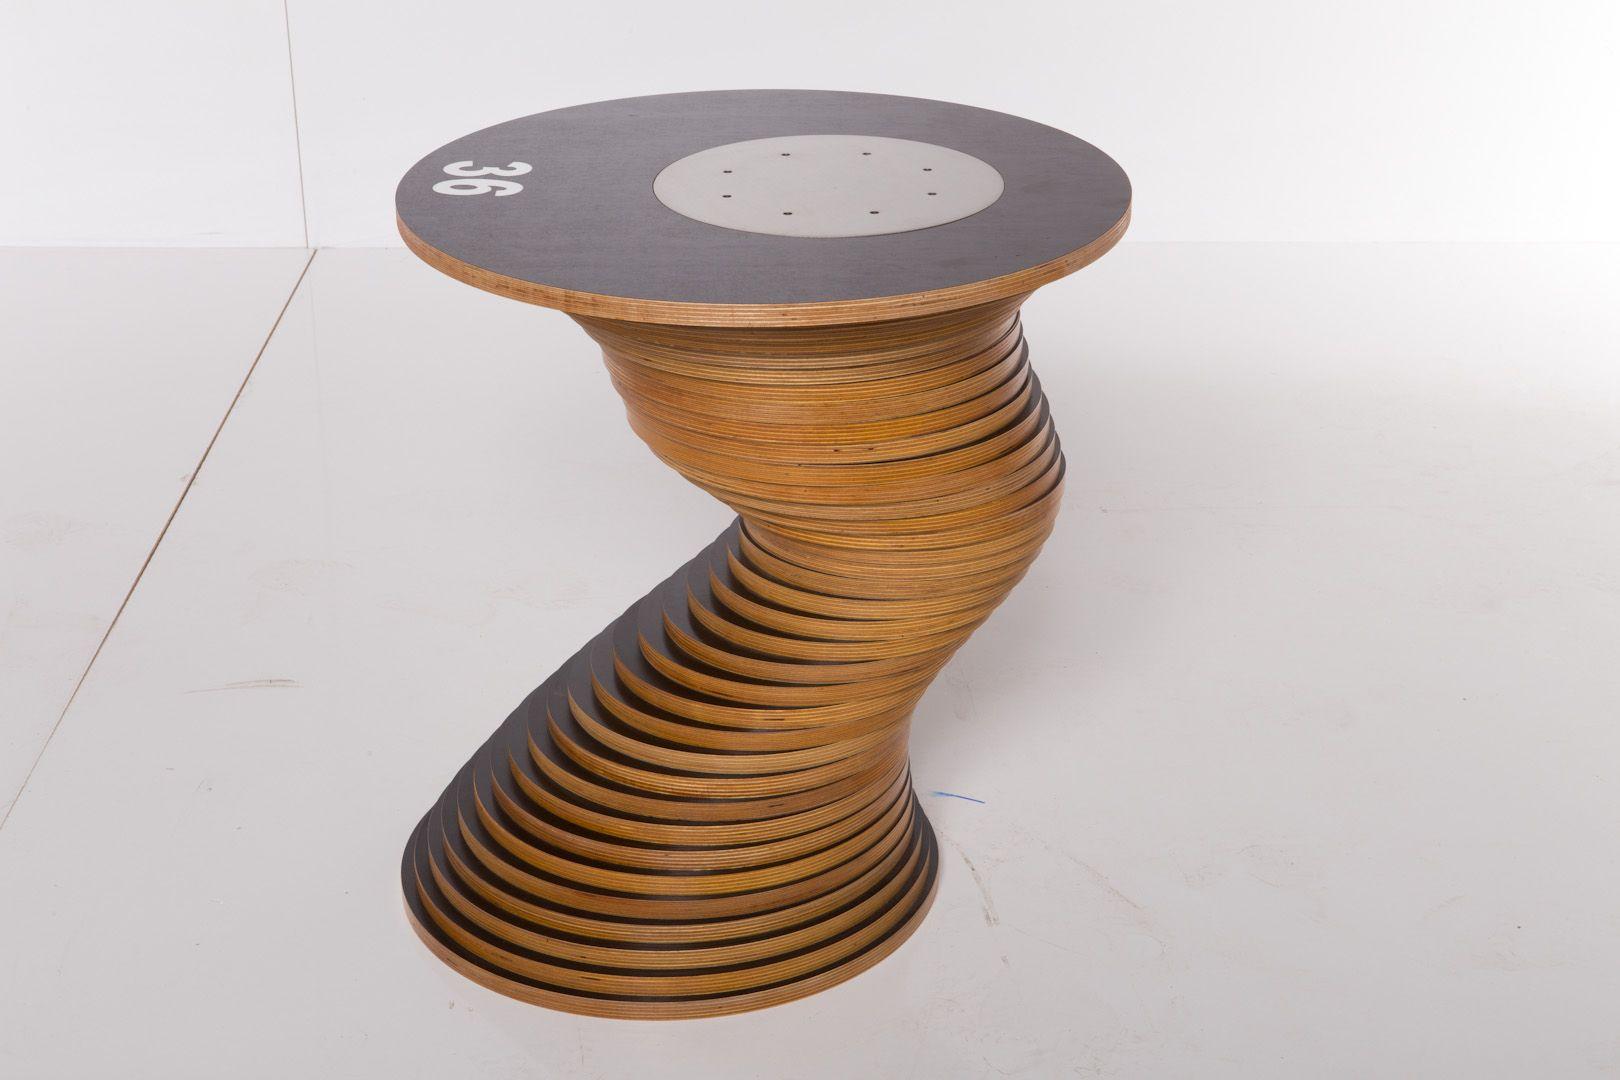 Misure Sgabello ~ Sgabello nano prodotti sgabelli interior design recupero sestini e